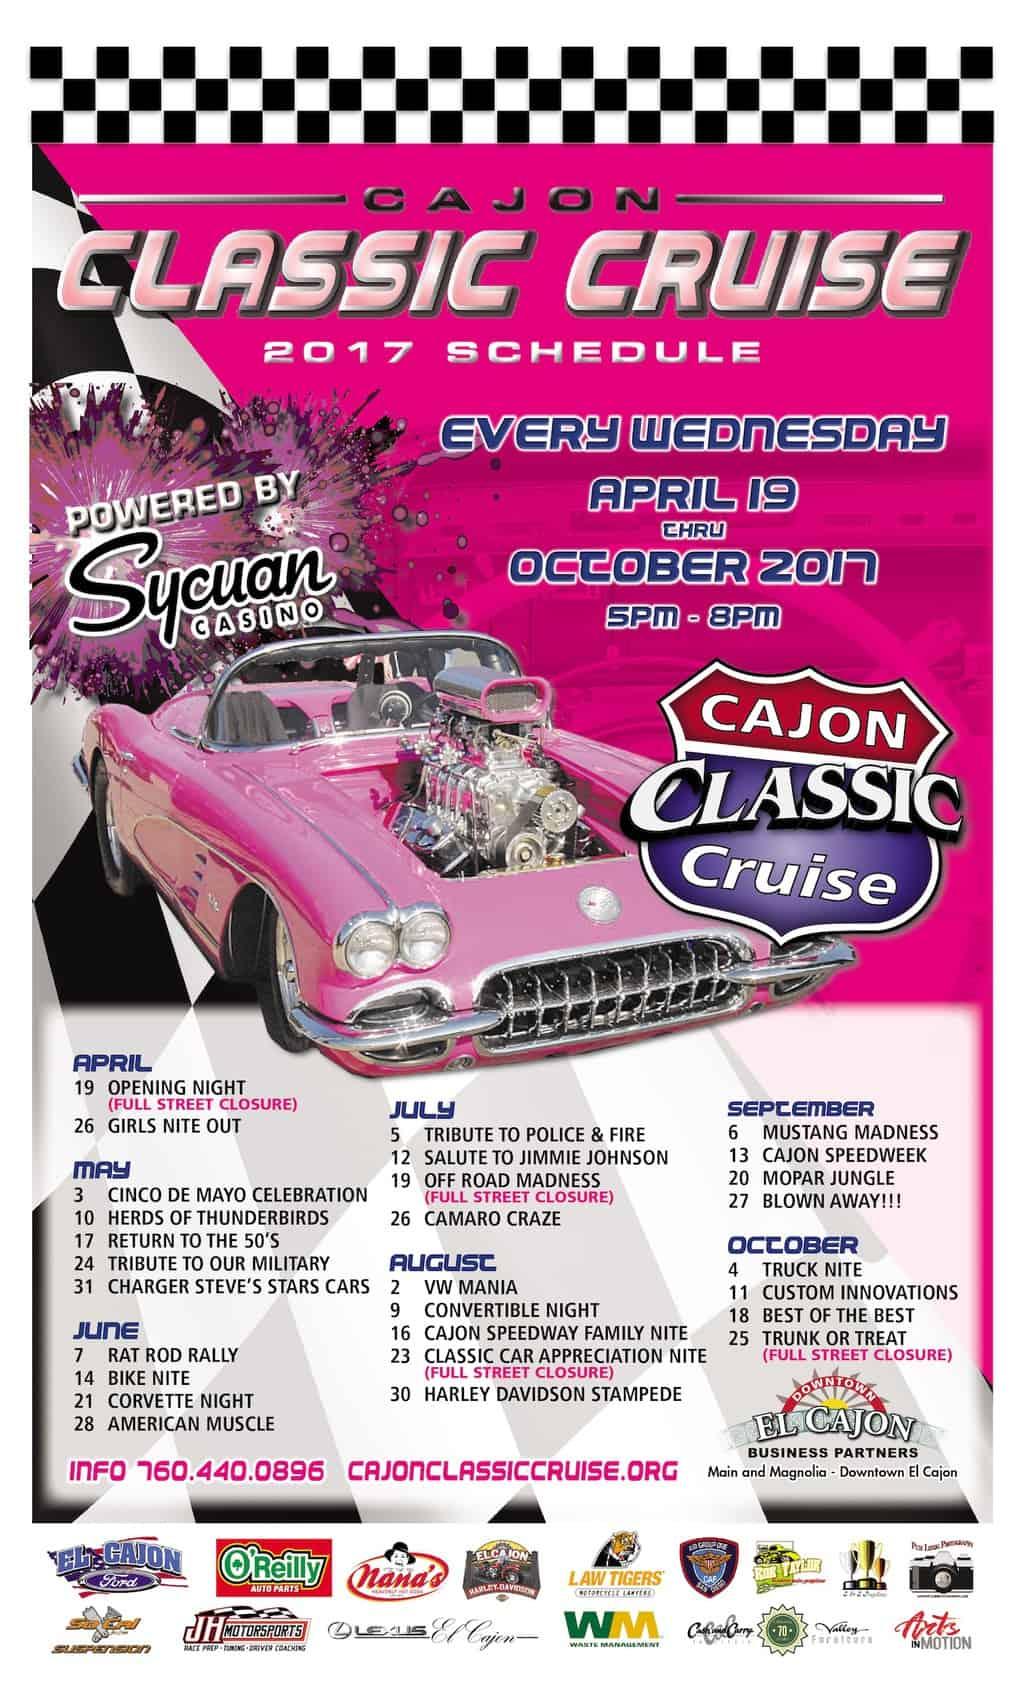 Car Show Poster Downtown El Cajon - Car show schedule